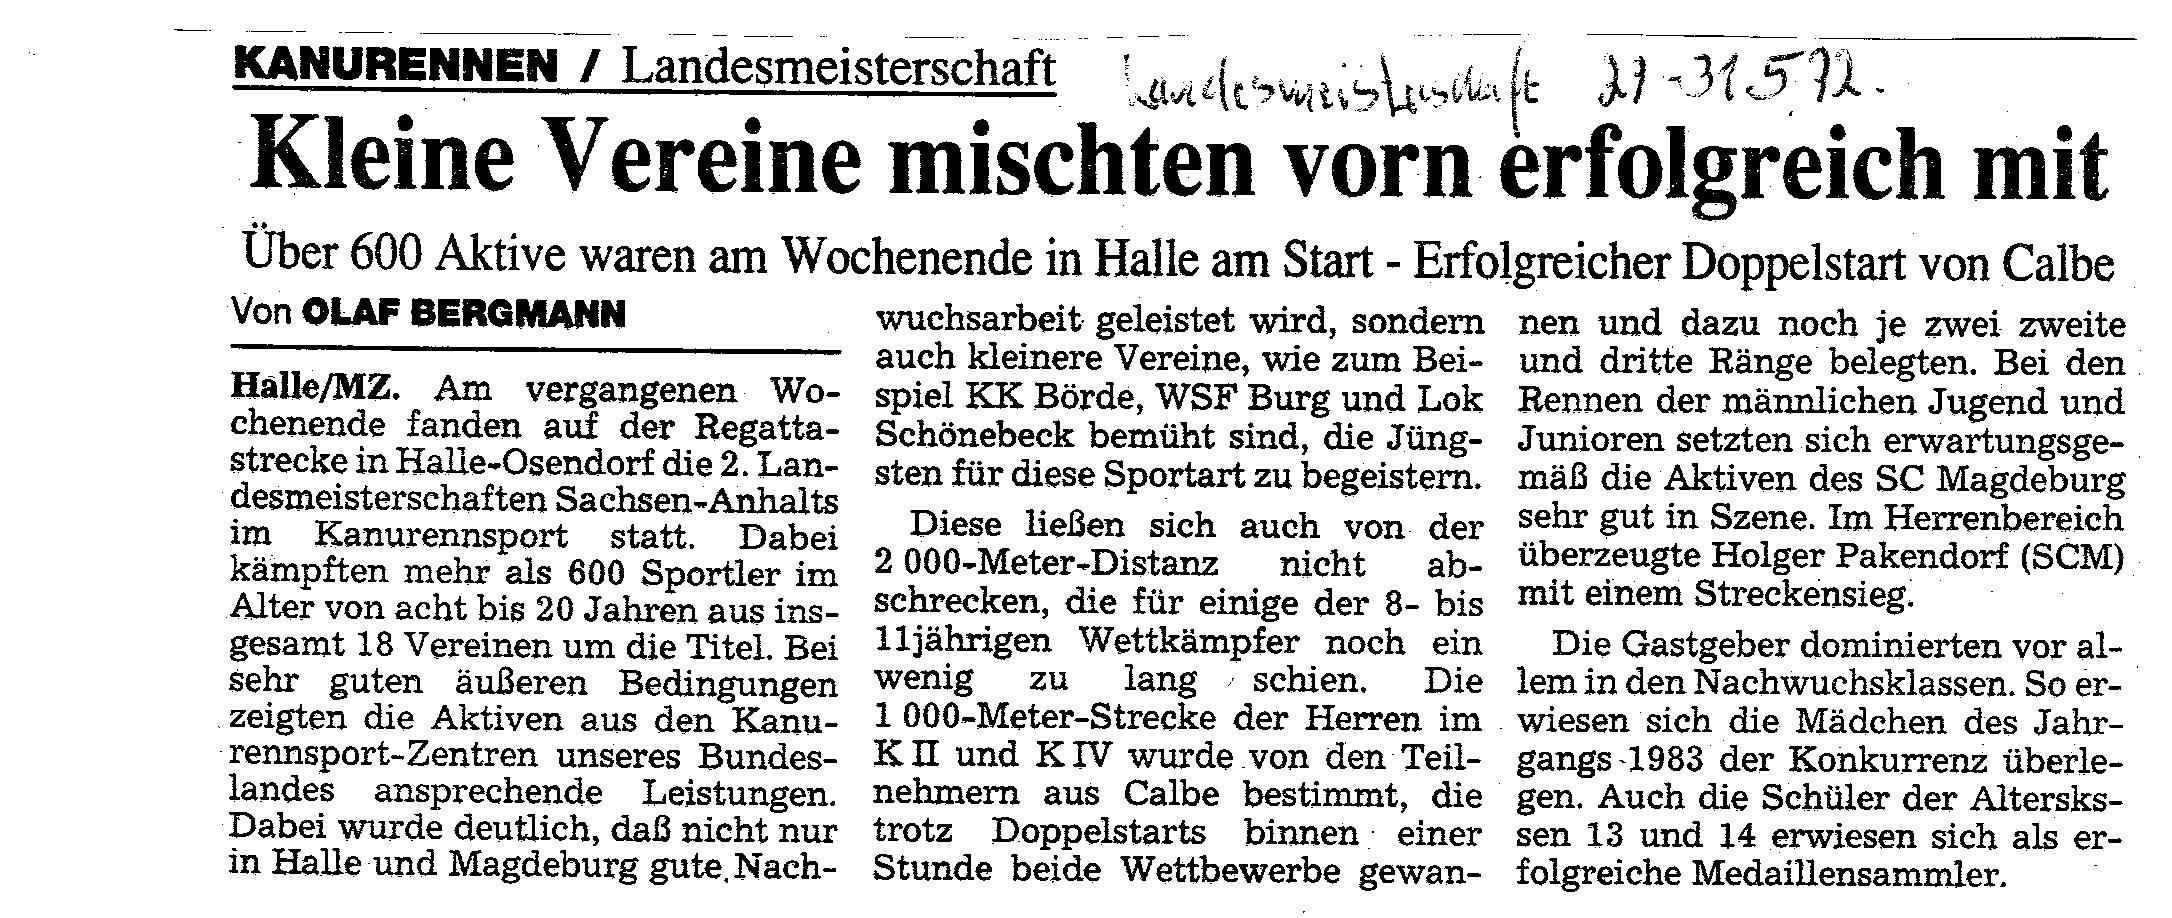 1992-05-31 MZ Kleine Vereine mischten vorn erfolgreich mit